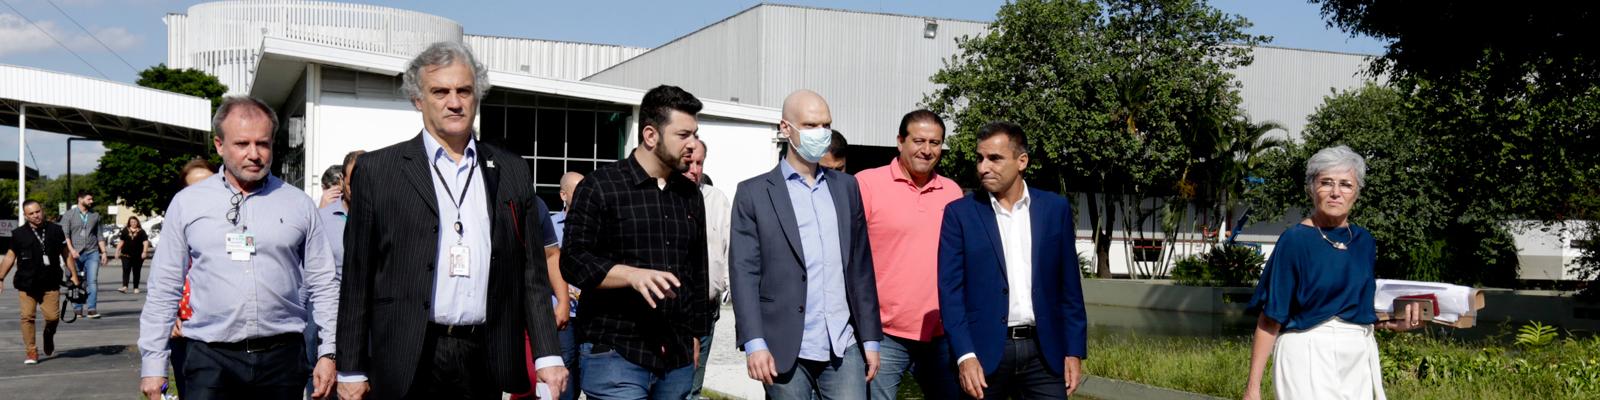 banner-imprensa-visita-prefeito